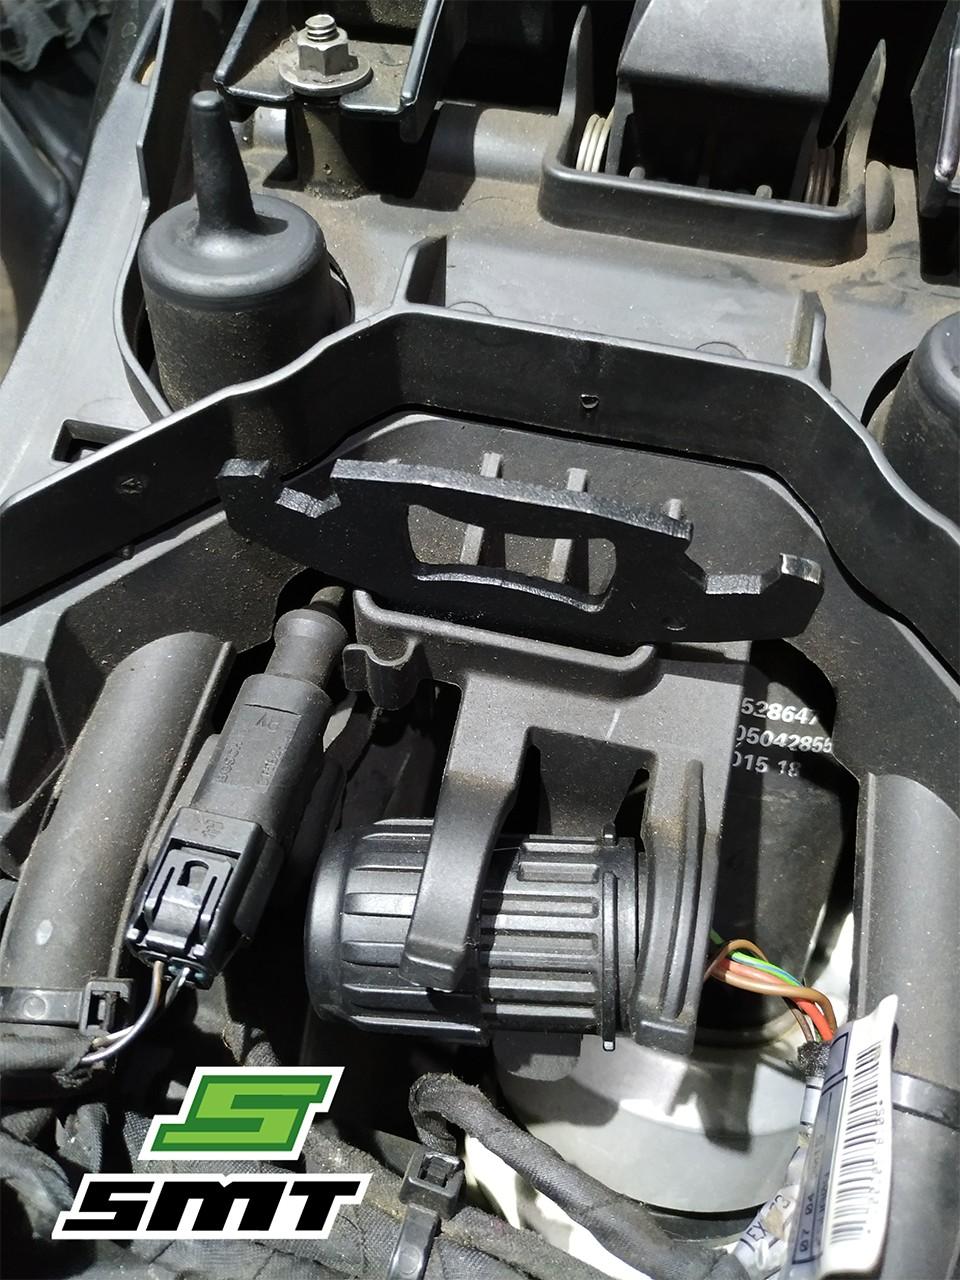 Foto3 - Chave de regulagem suspensão traseira F800GS